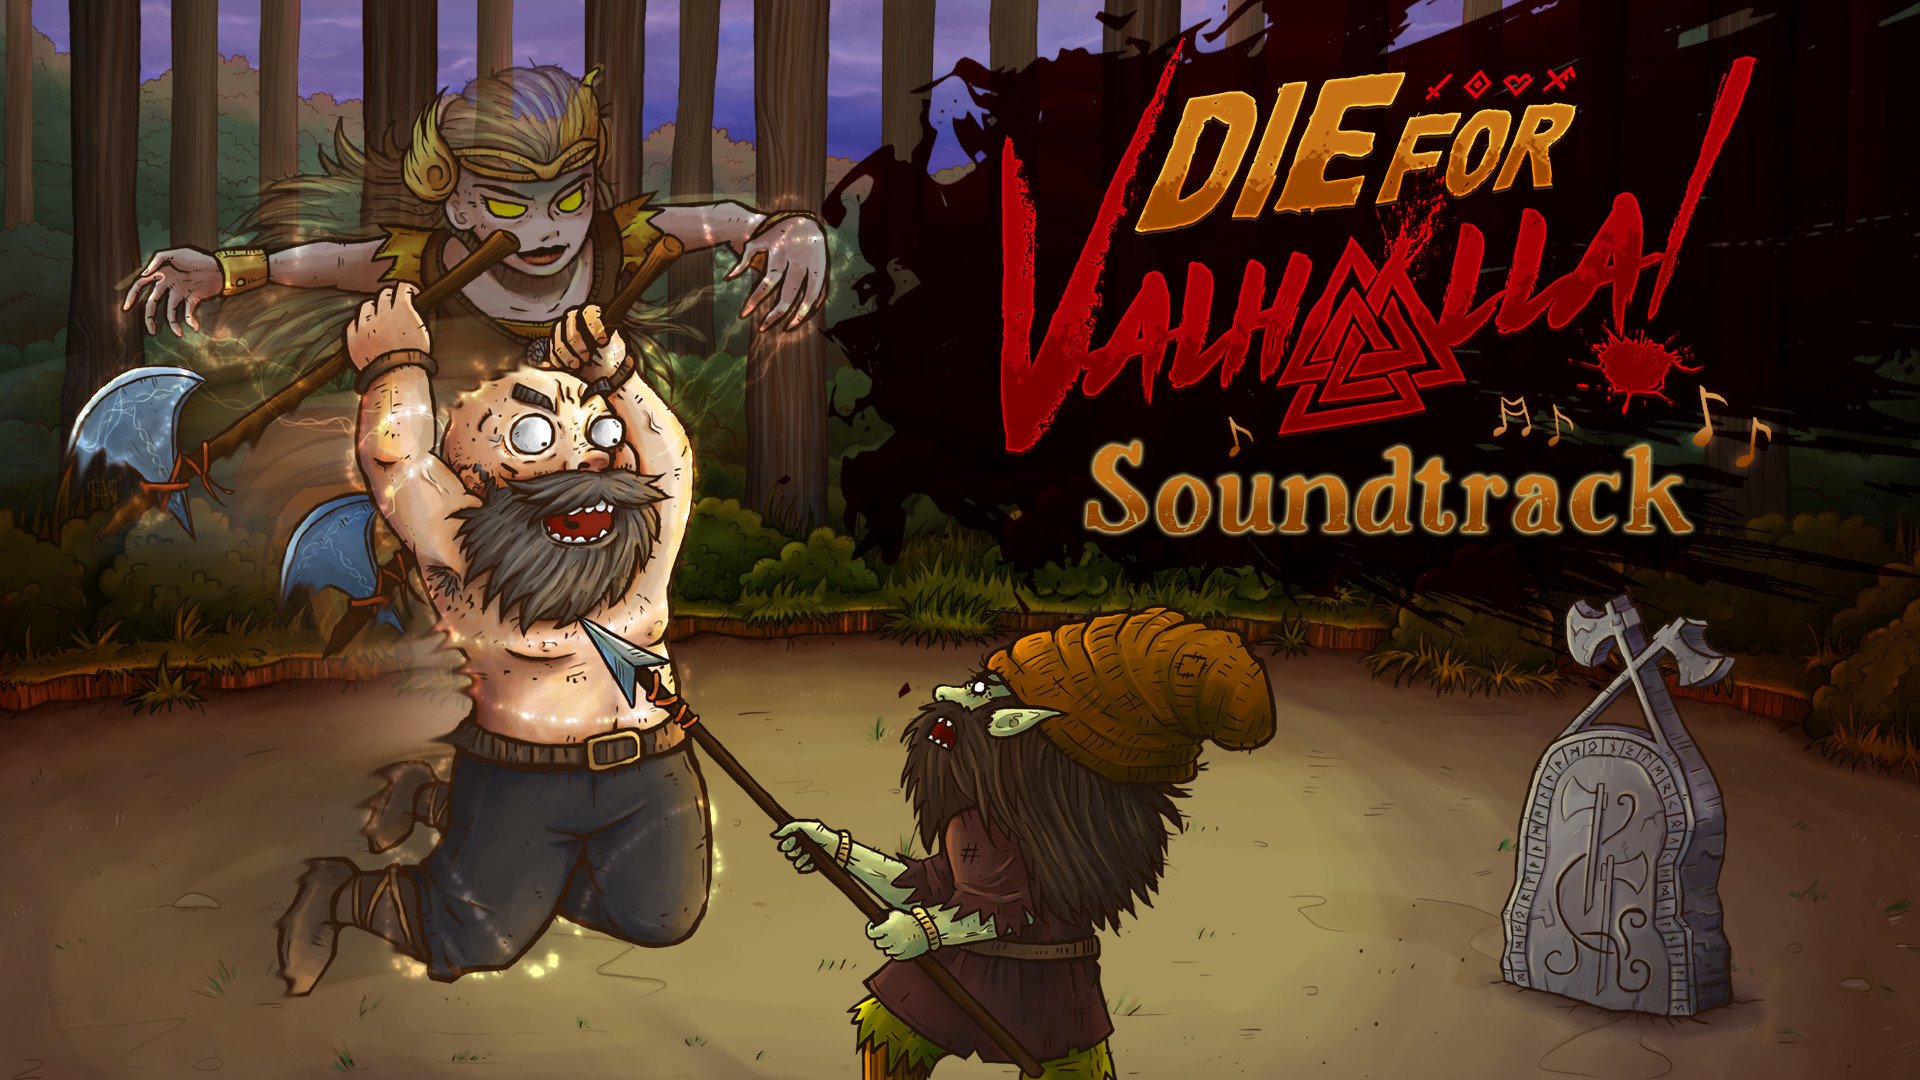 Die for Valhalla! Soundtrack screenshot